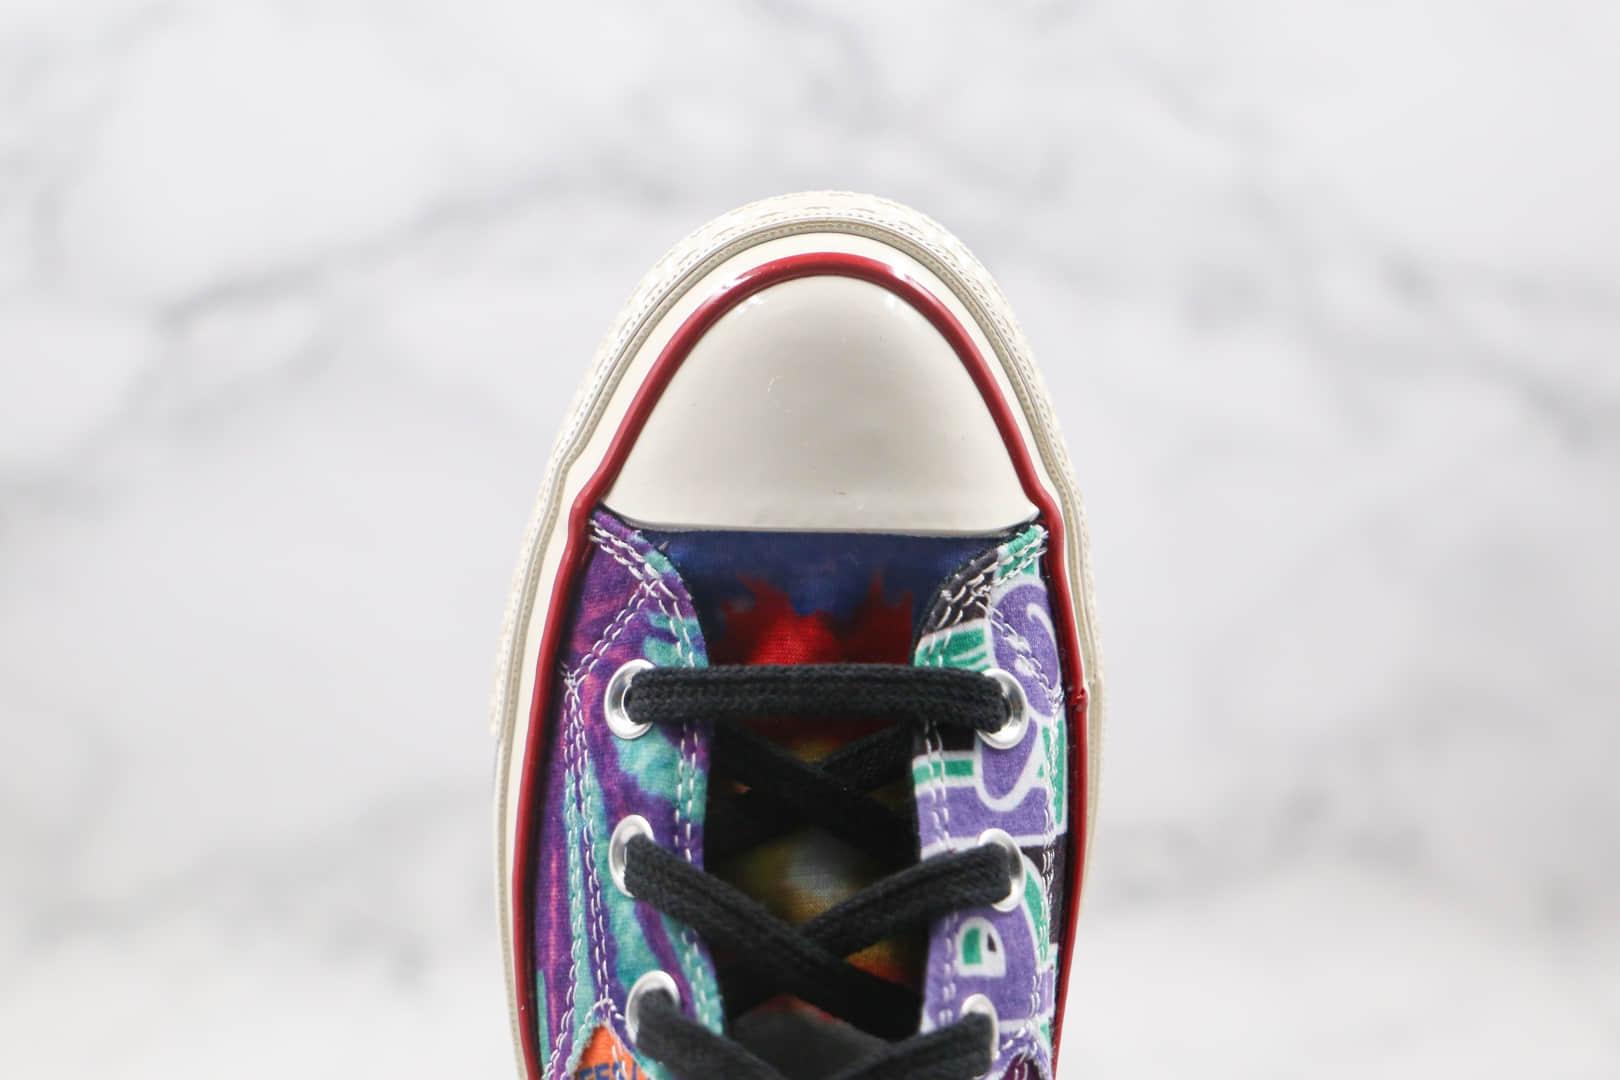 匡威Converse Chuck 70 1970s公司级版本高帮扎染硫化休闲帆布鞋原档案数据开发原厂硫化大底